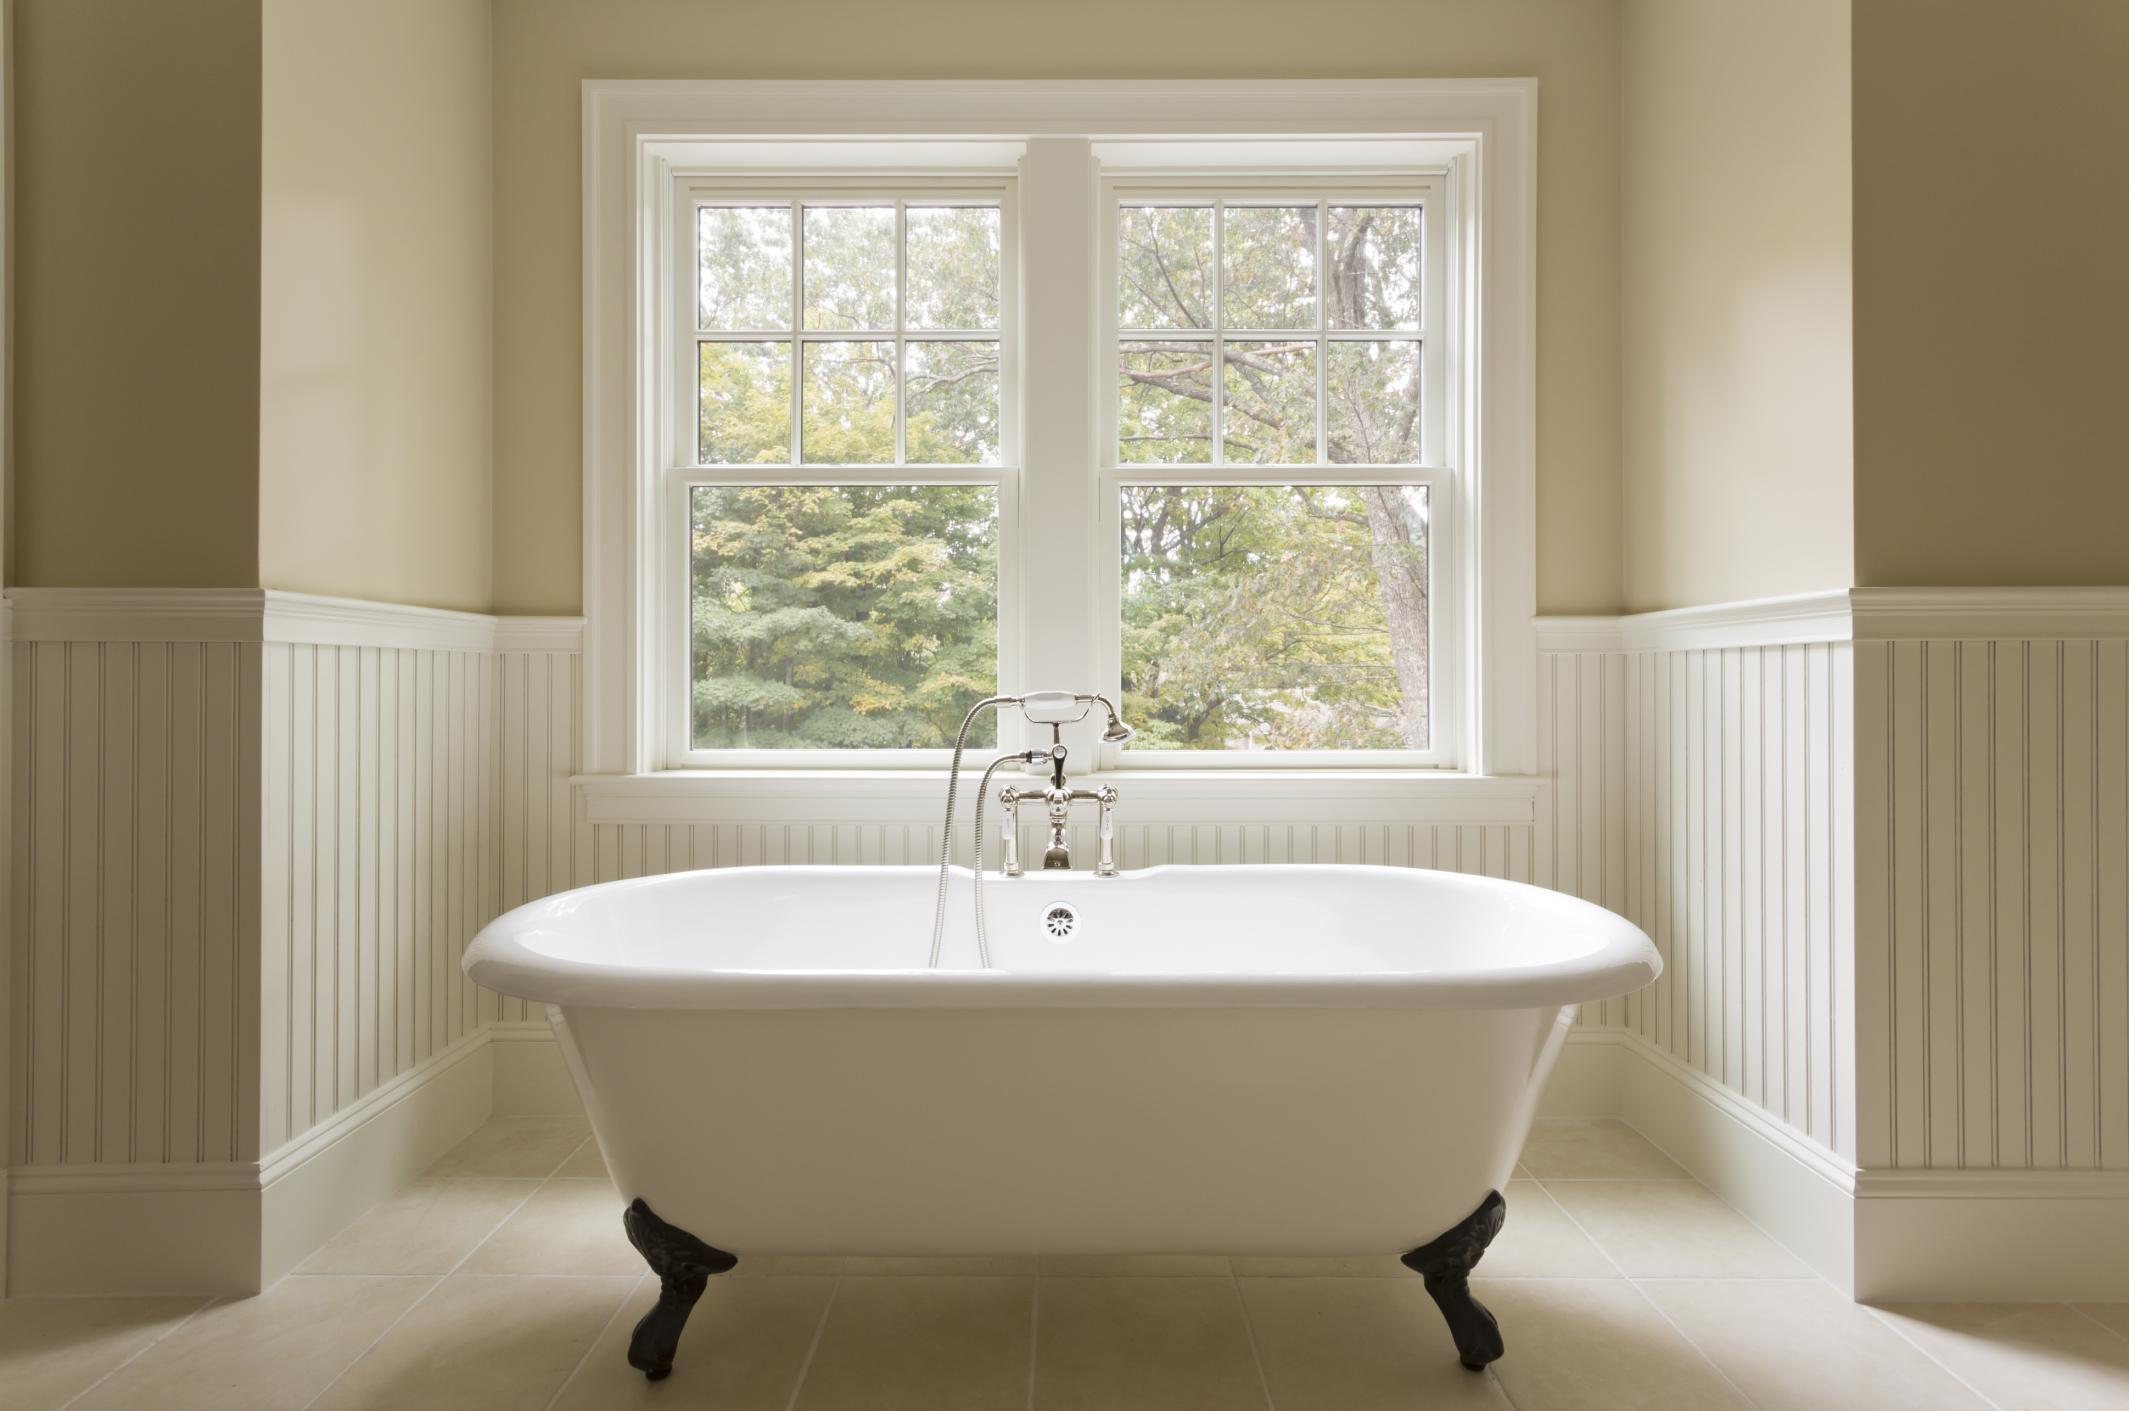 How To Refinish A Bathtub Bathtub Refinishing Kit Bathtub